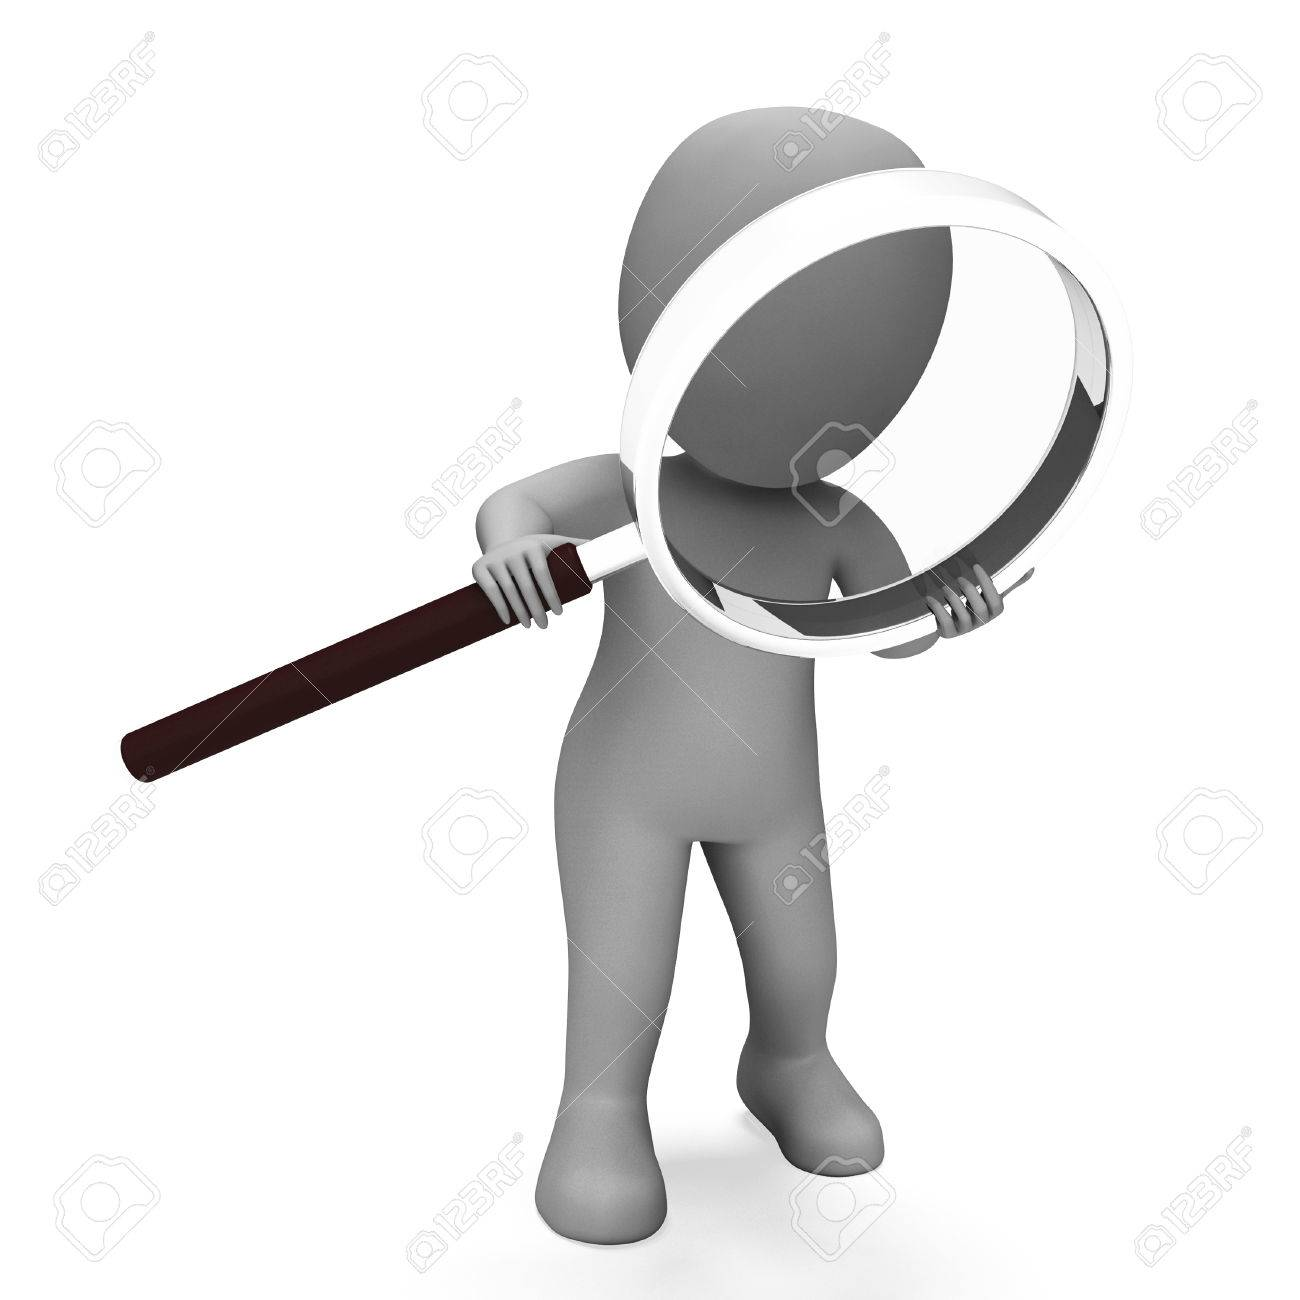 Probando temas 26064322-buscando-lupa-car%C3%A1cter-mostrando-examinar-examinar-y-escrutinio